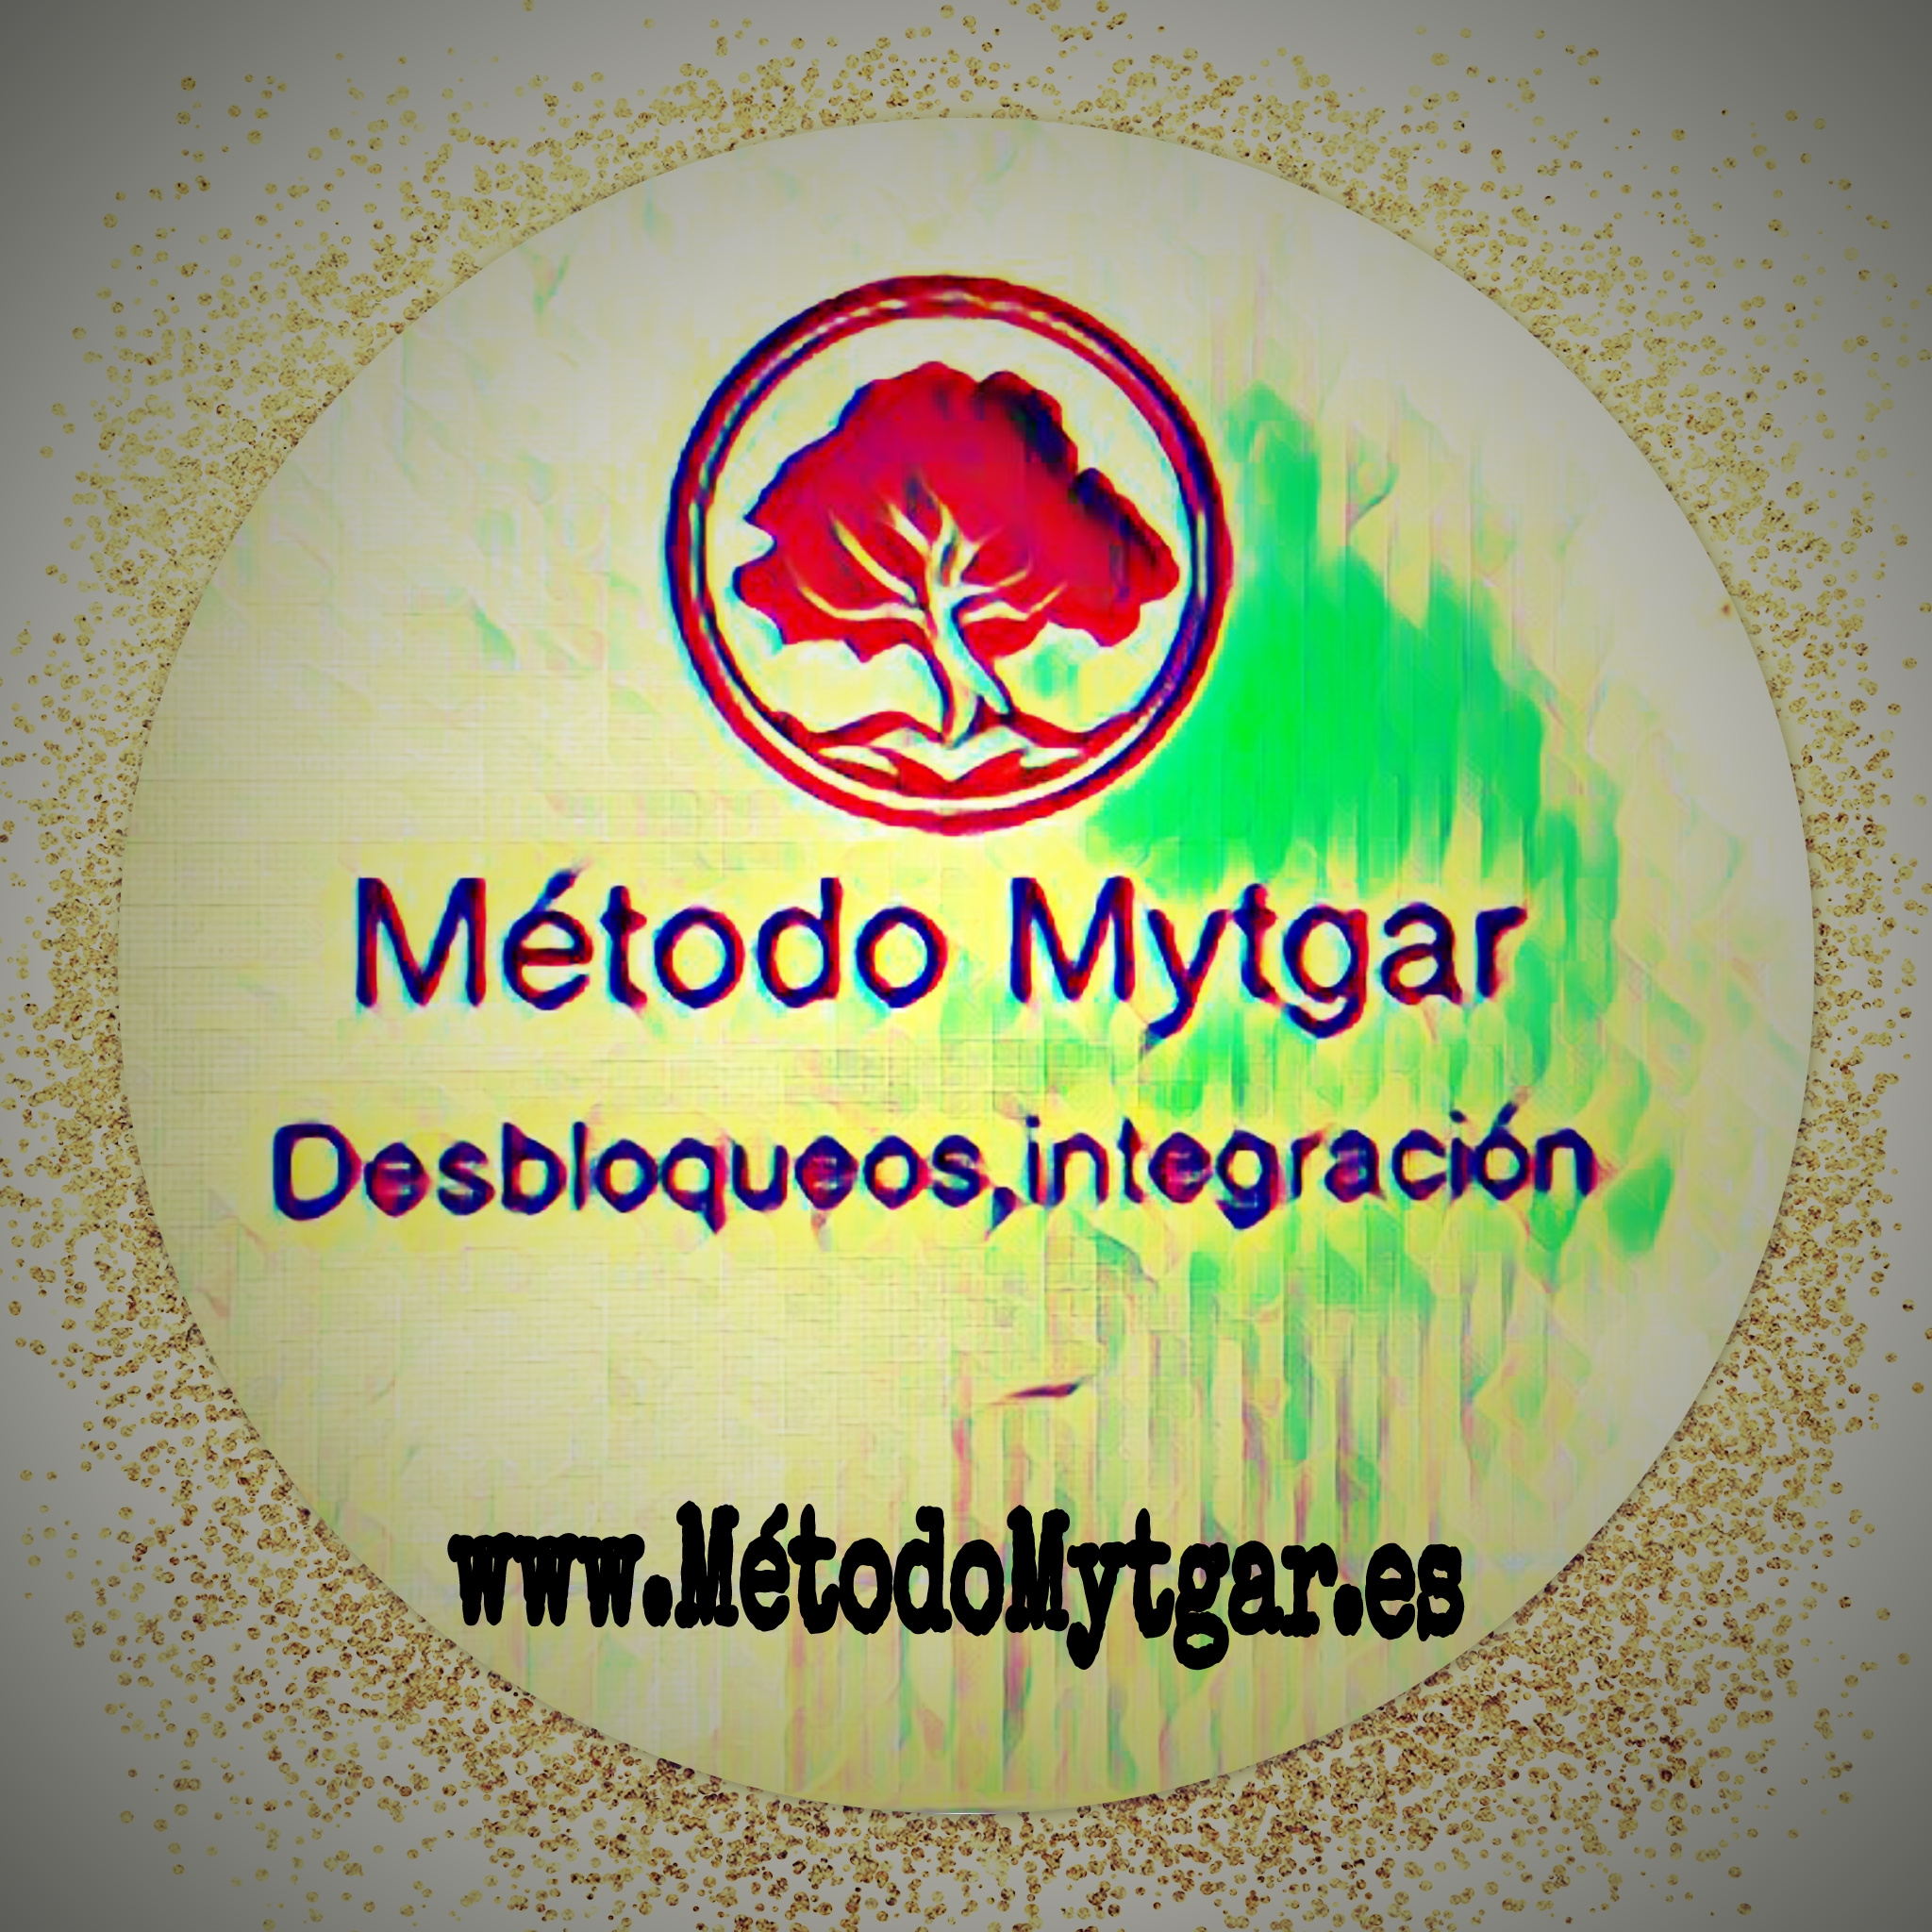 metodo mytgar